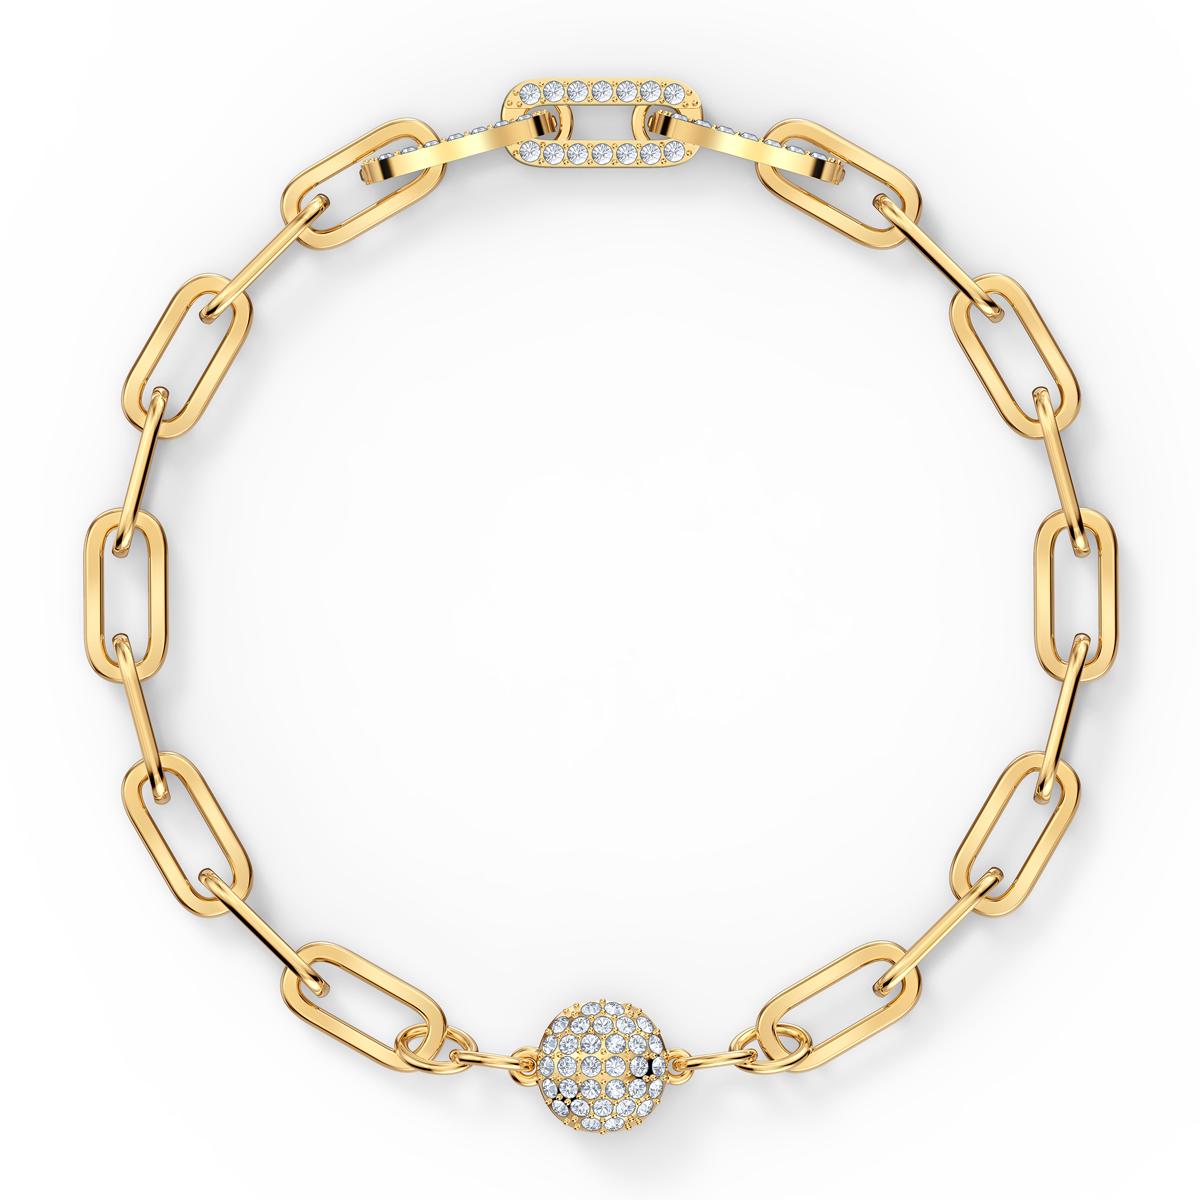 Swarovski The Elements Chain Bracelet, White, Gold Tone Plated